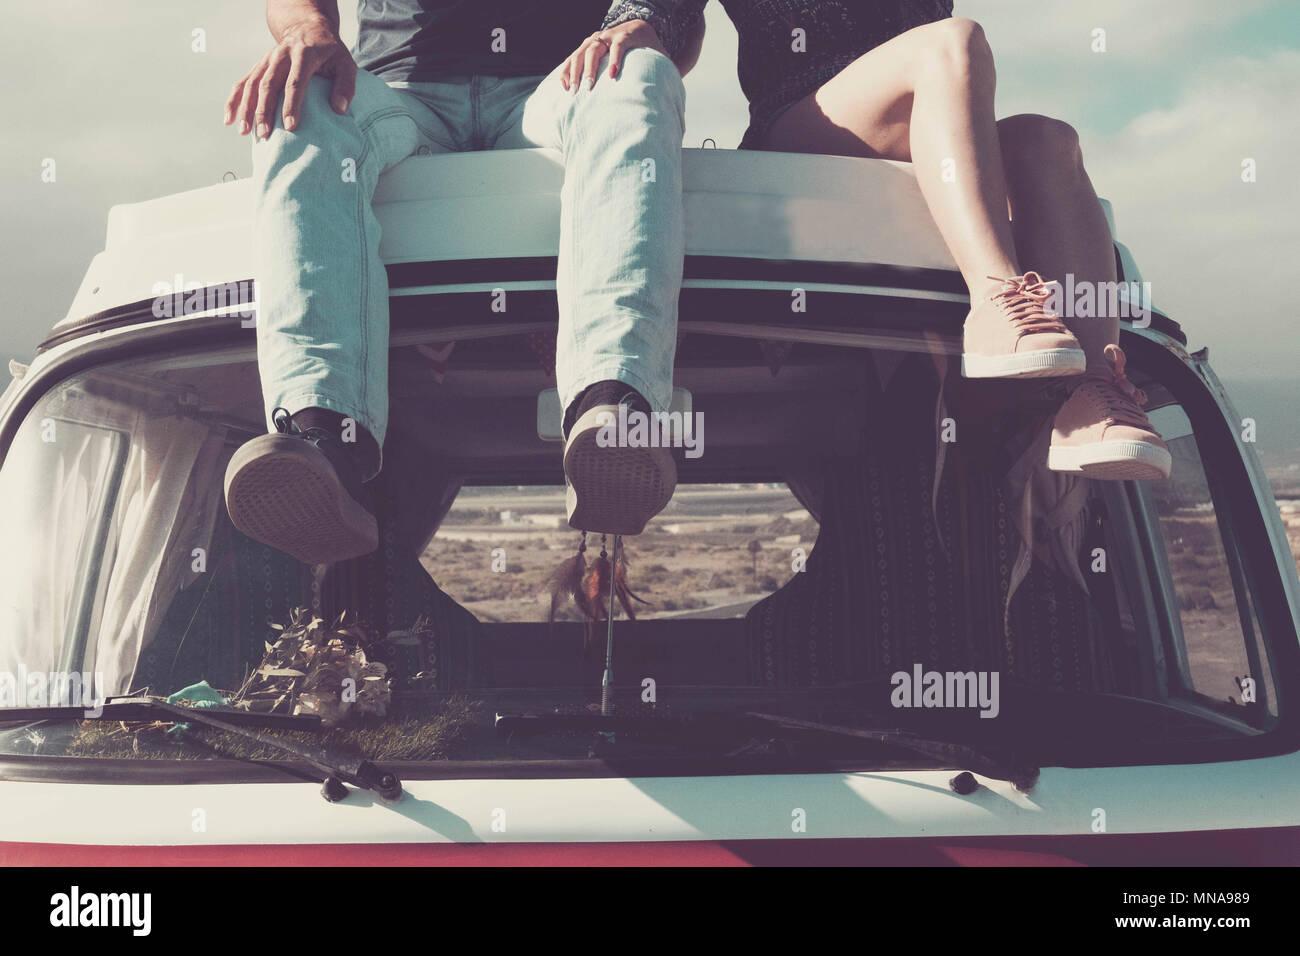 Godetevi la vanlife. due coppia di giovani gambe sitted sulla parte superiore di un vintage retrò van godendo il giorno. viaggiare e scoprire nuovi luoghi come un deserto in b Immagini Stock